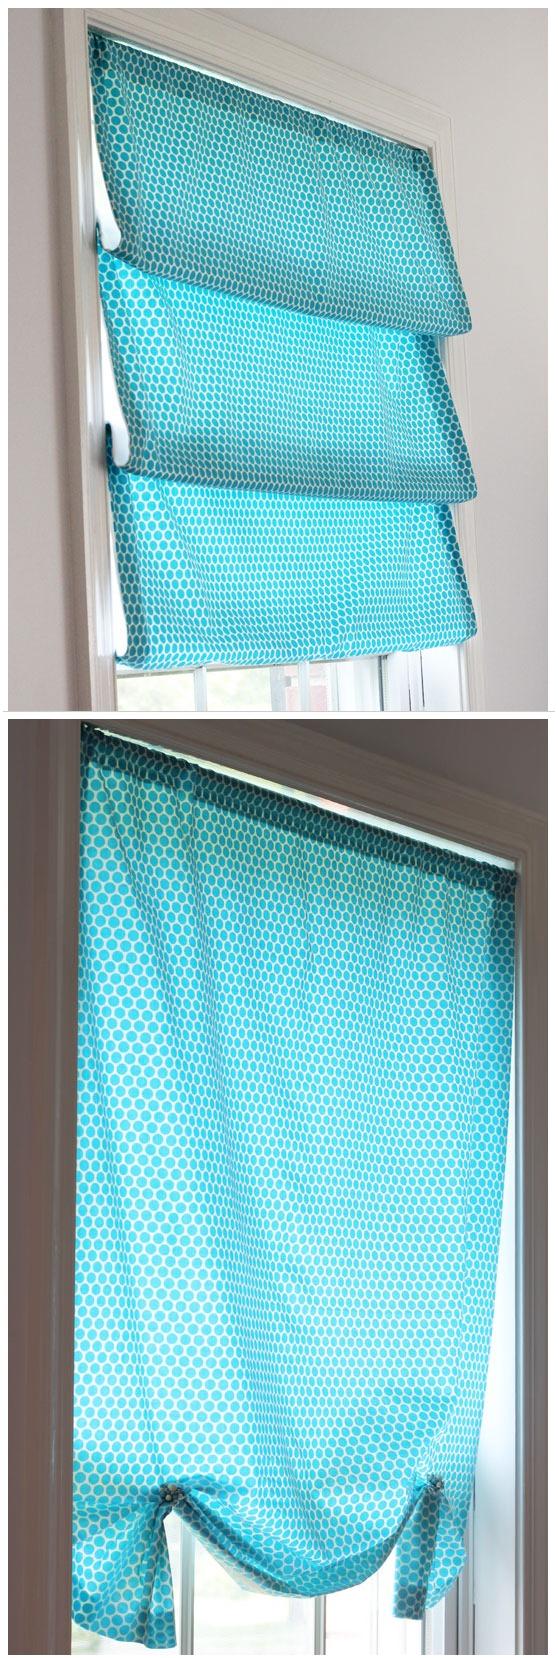 3. Make a DIY Window Shade for More Privacy via Simphome.com